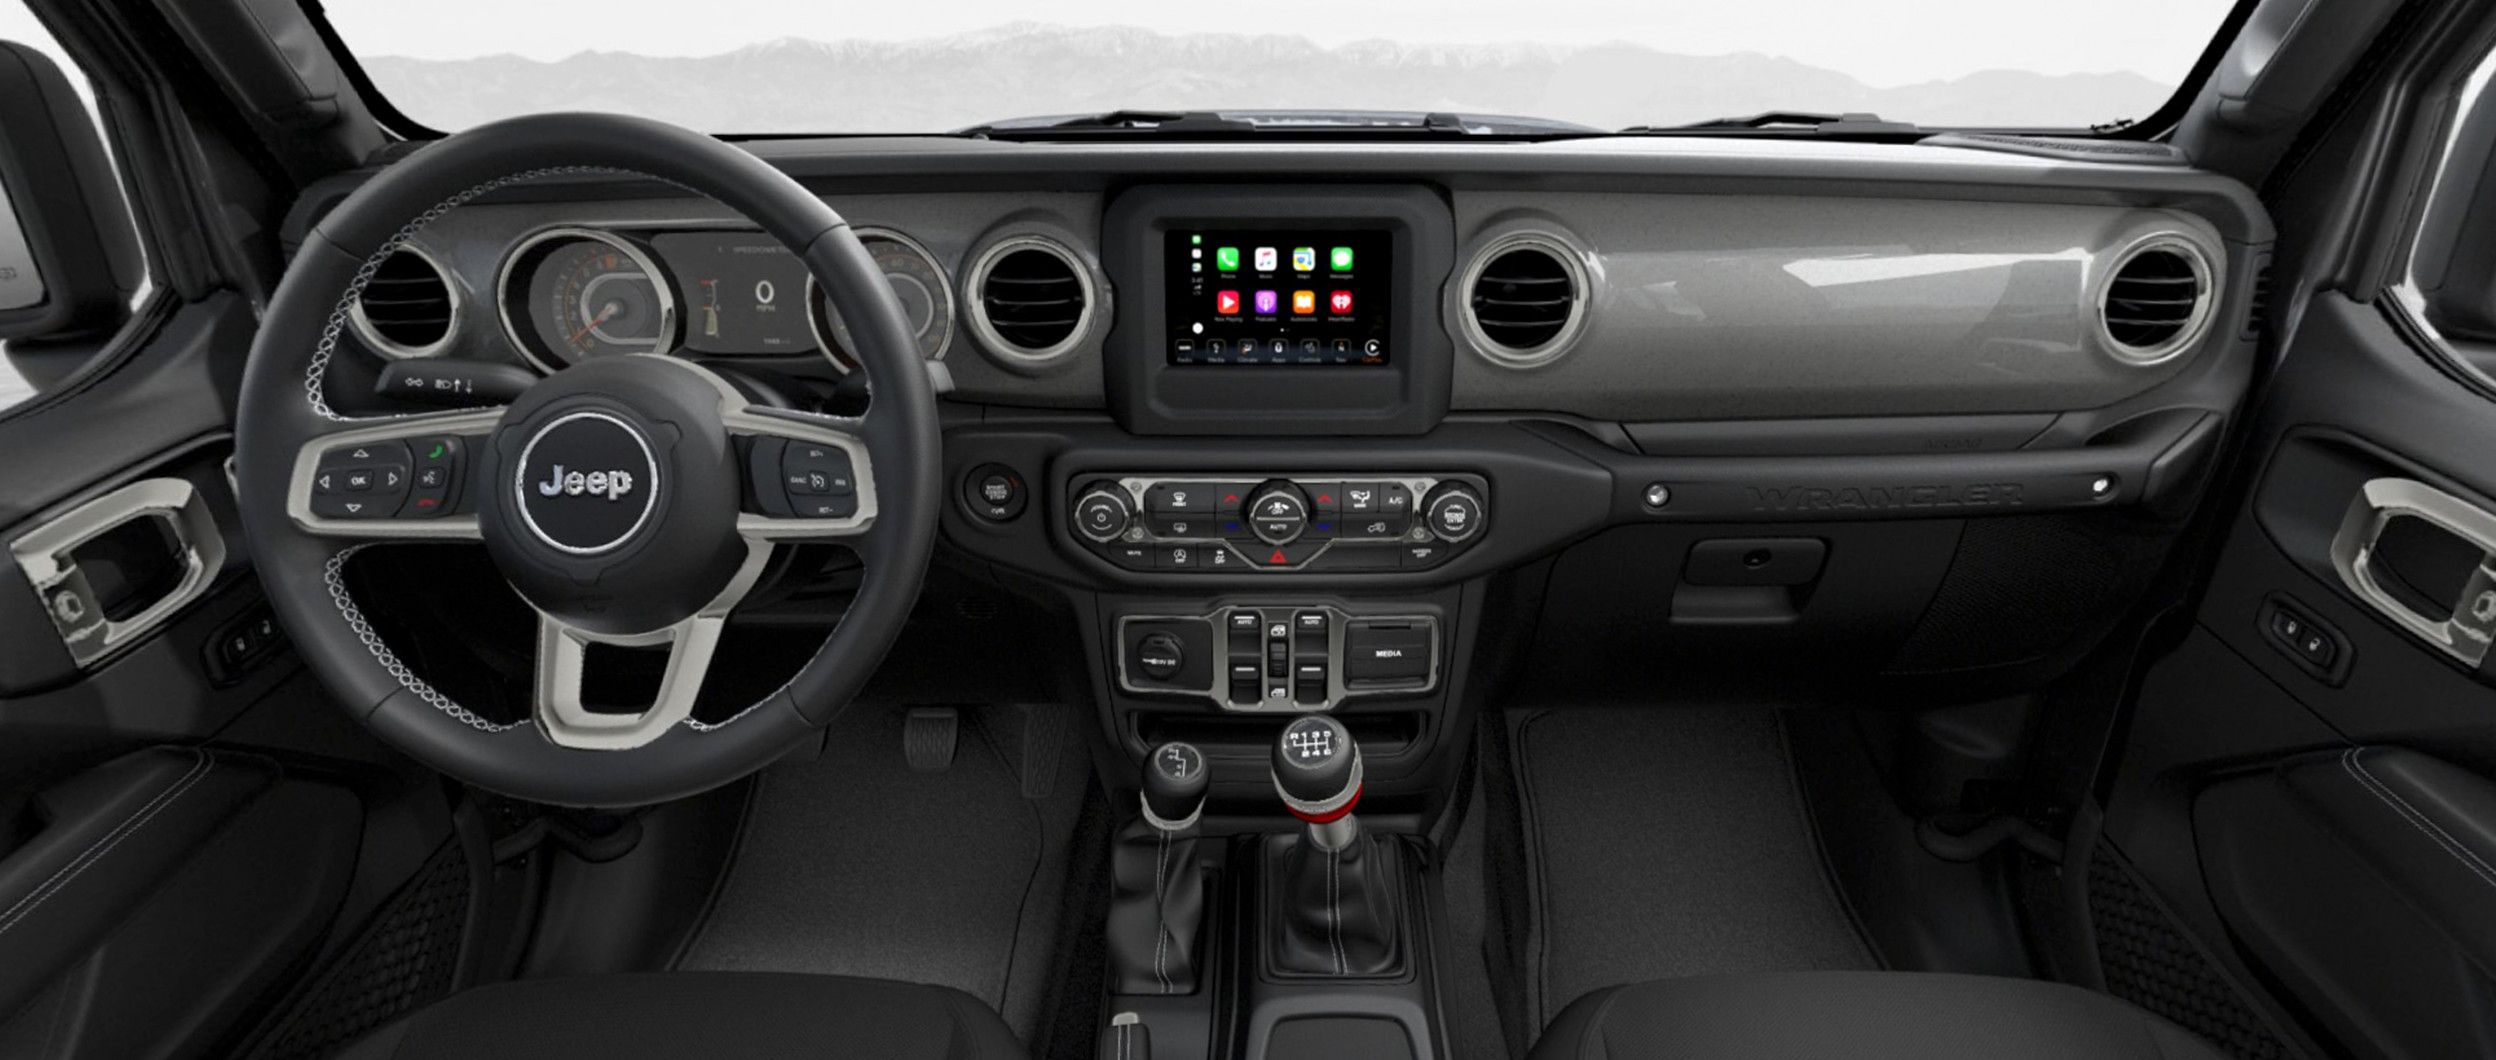 All New 2018 Jeep Wrangler Jl Canada Jk Subwoofer Box Interior